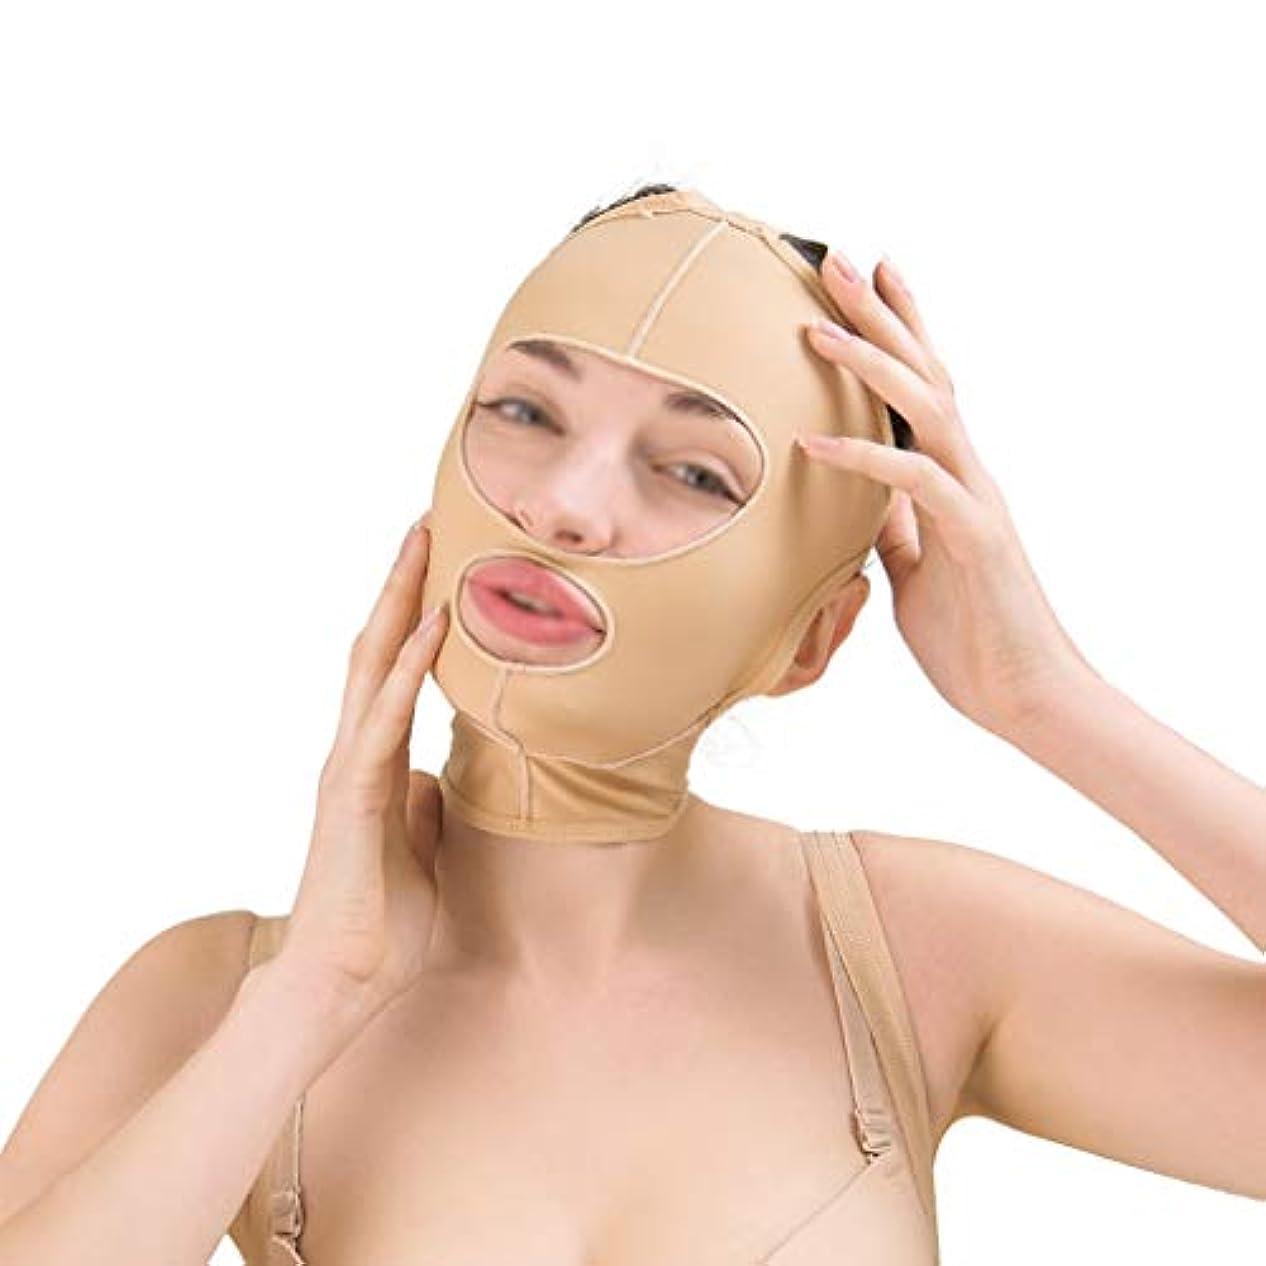 オークションアカデミック病者美容フェイスリフト減量ベルト、ほおスリムフィット、通気性フェイスリフト、引き締め、包帯を持ち上げる、フェイシャルスキン包帯 (Size : S)